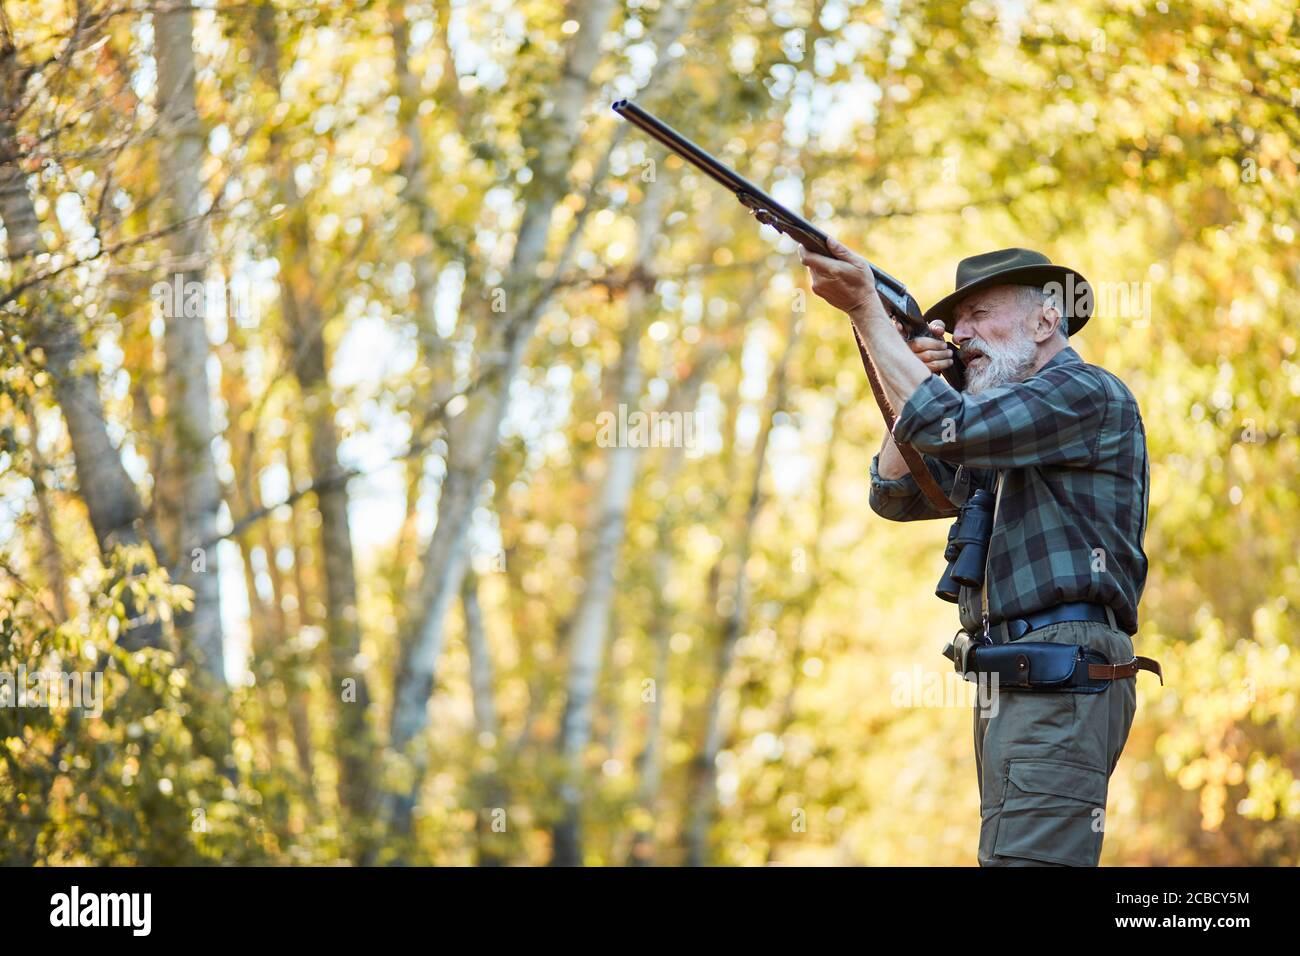 Un chasseur de haut niveau vise le trophée oiseau dans la forêt d'automne, pointant le fusil sur l'oiseau. Banque D'Images